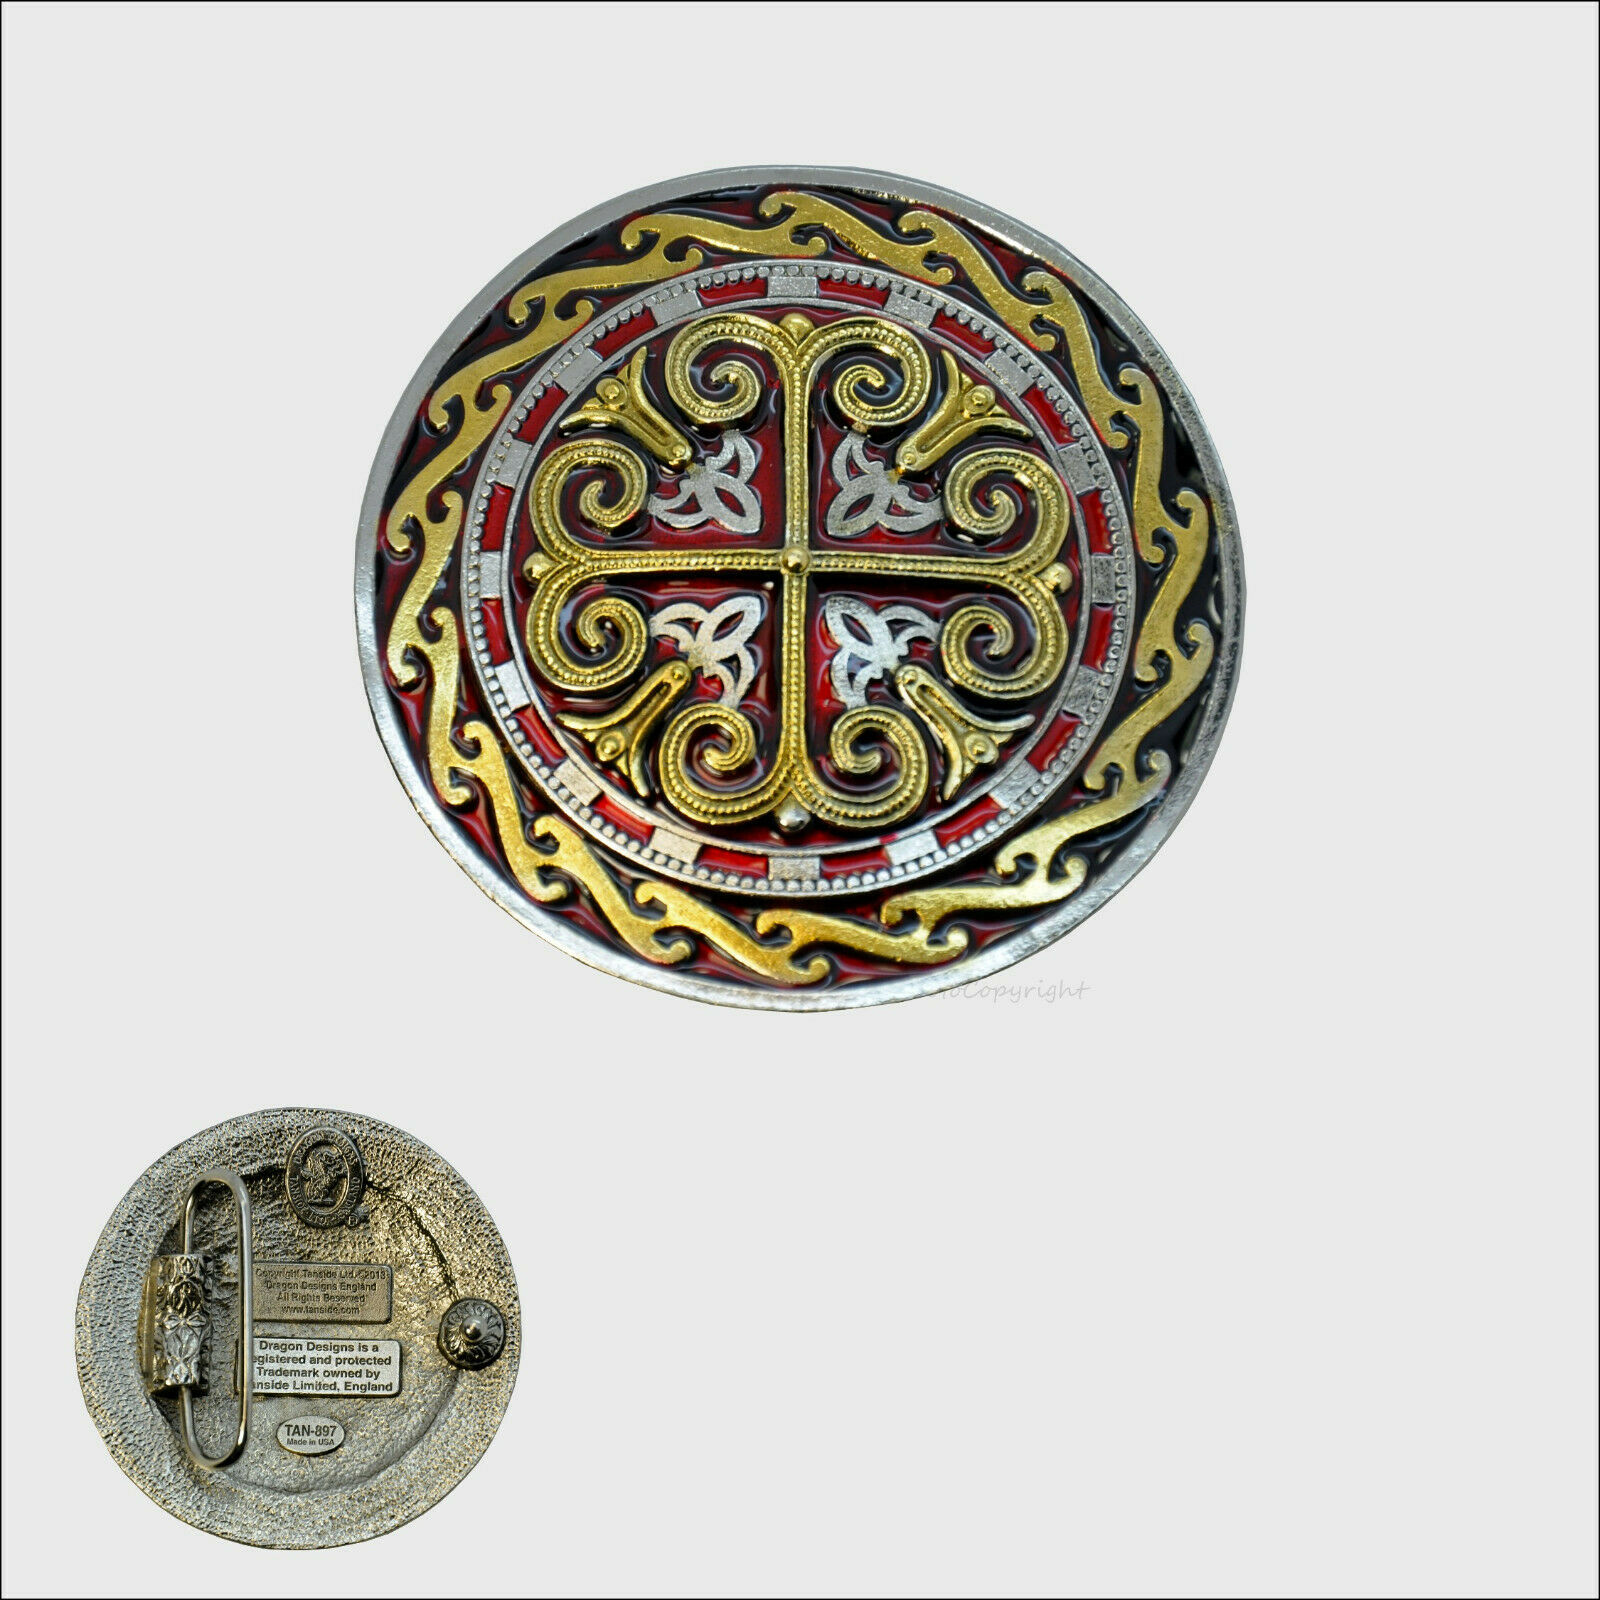 Celtic Design Belt Buckle Mittelalter Ornament Gürtelschnalle Kelten *245 rg